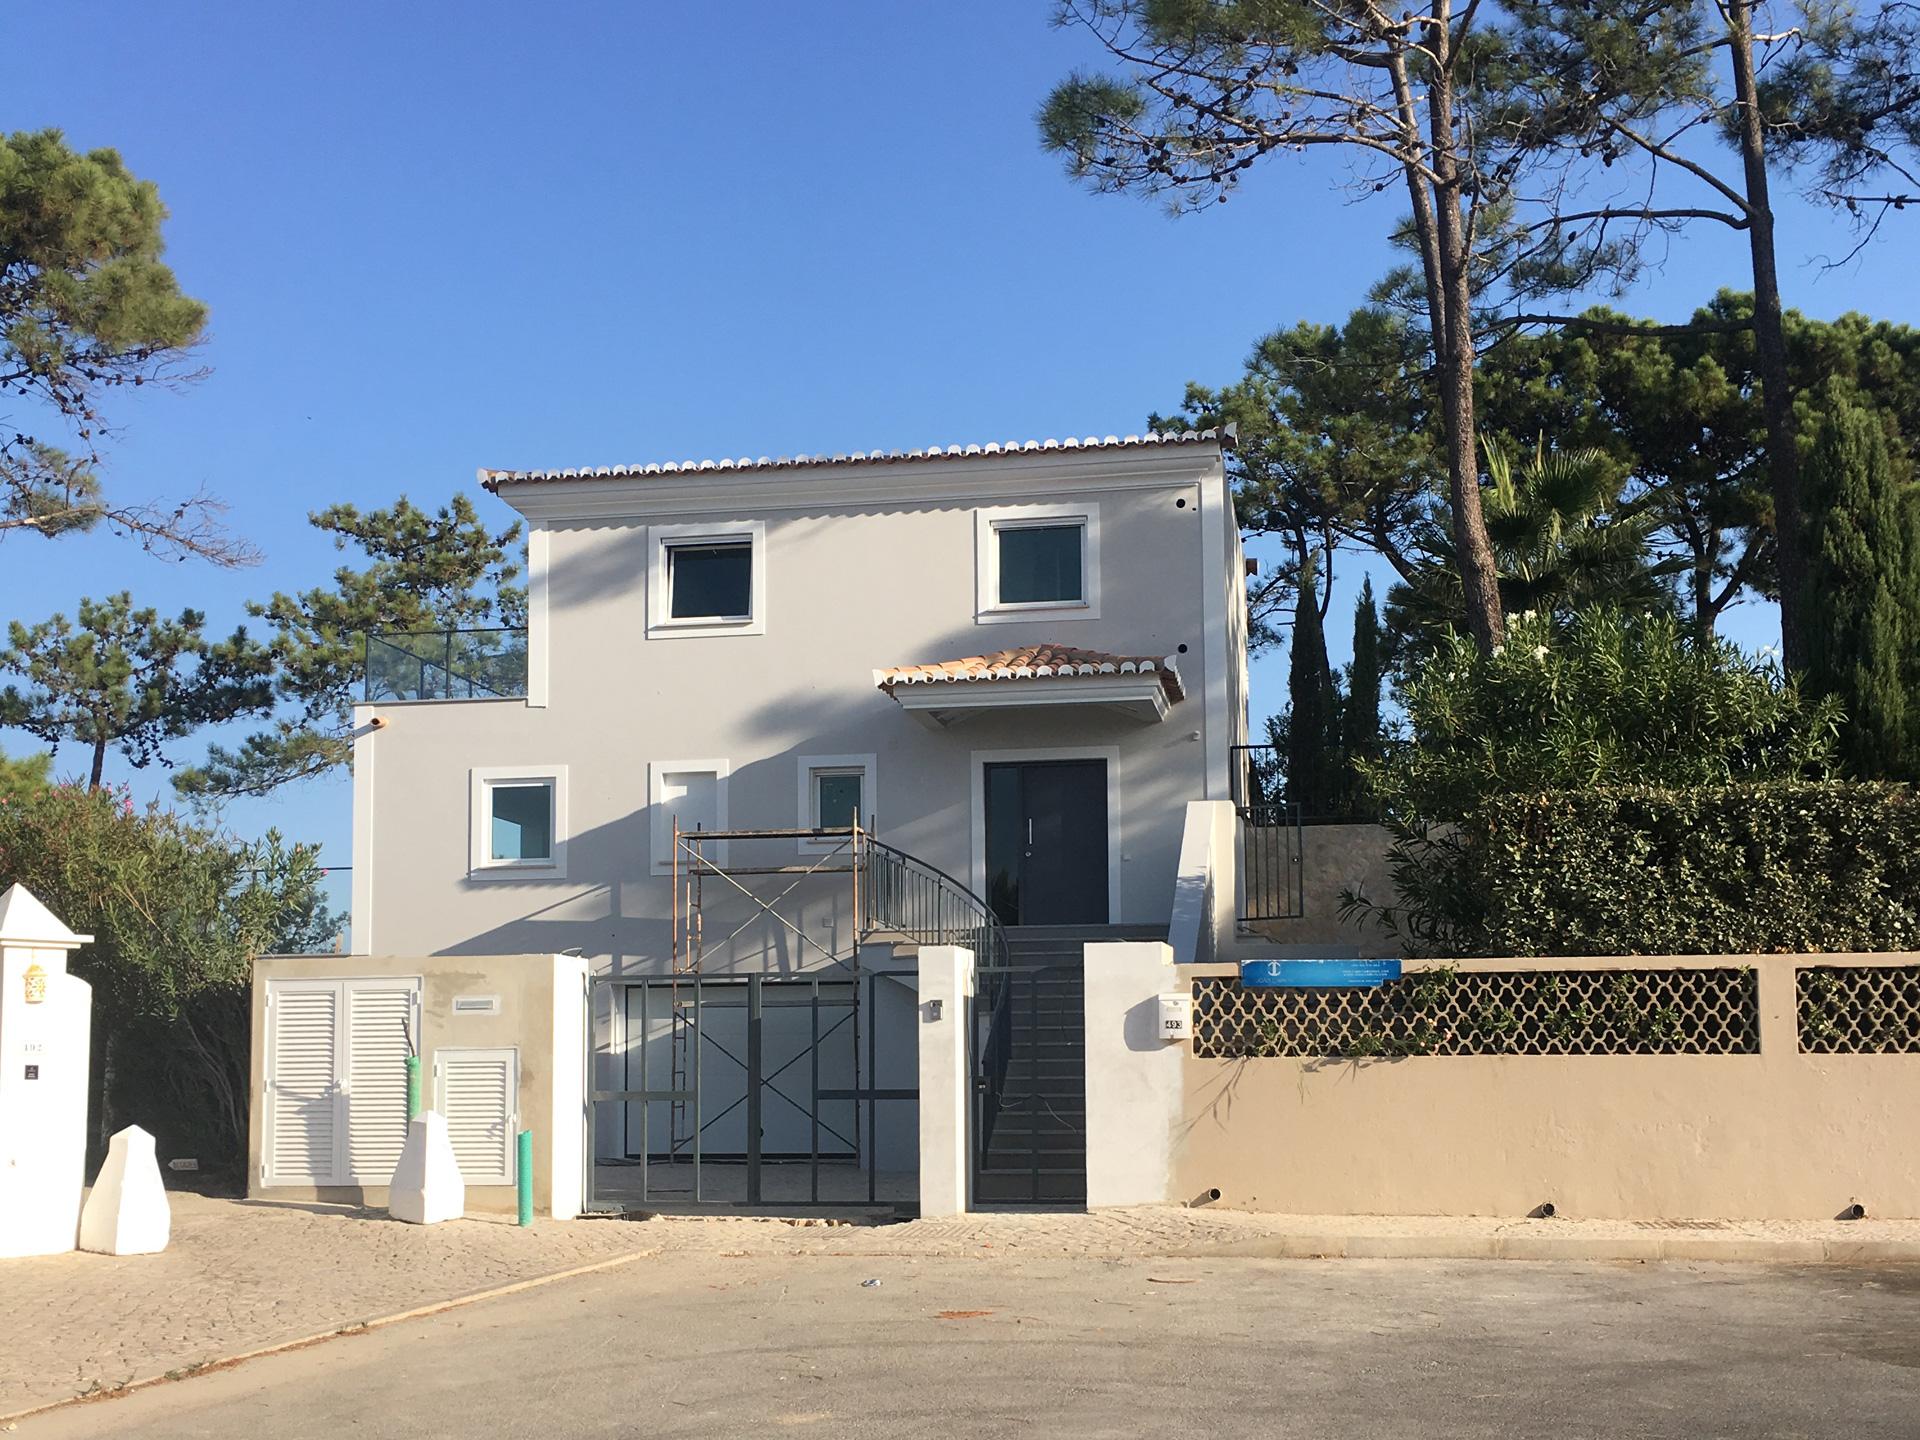 New Villa Construction in Vale do Lobo, Algarve Portugal